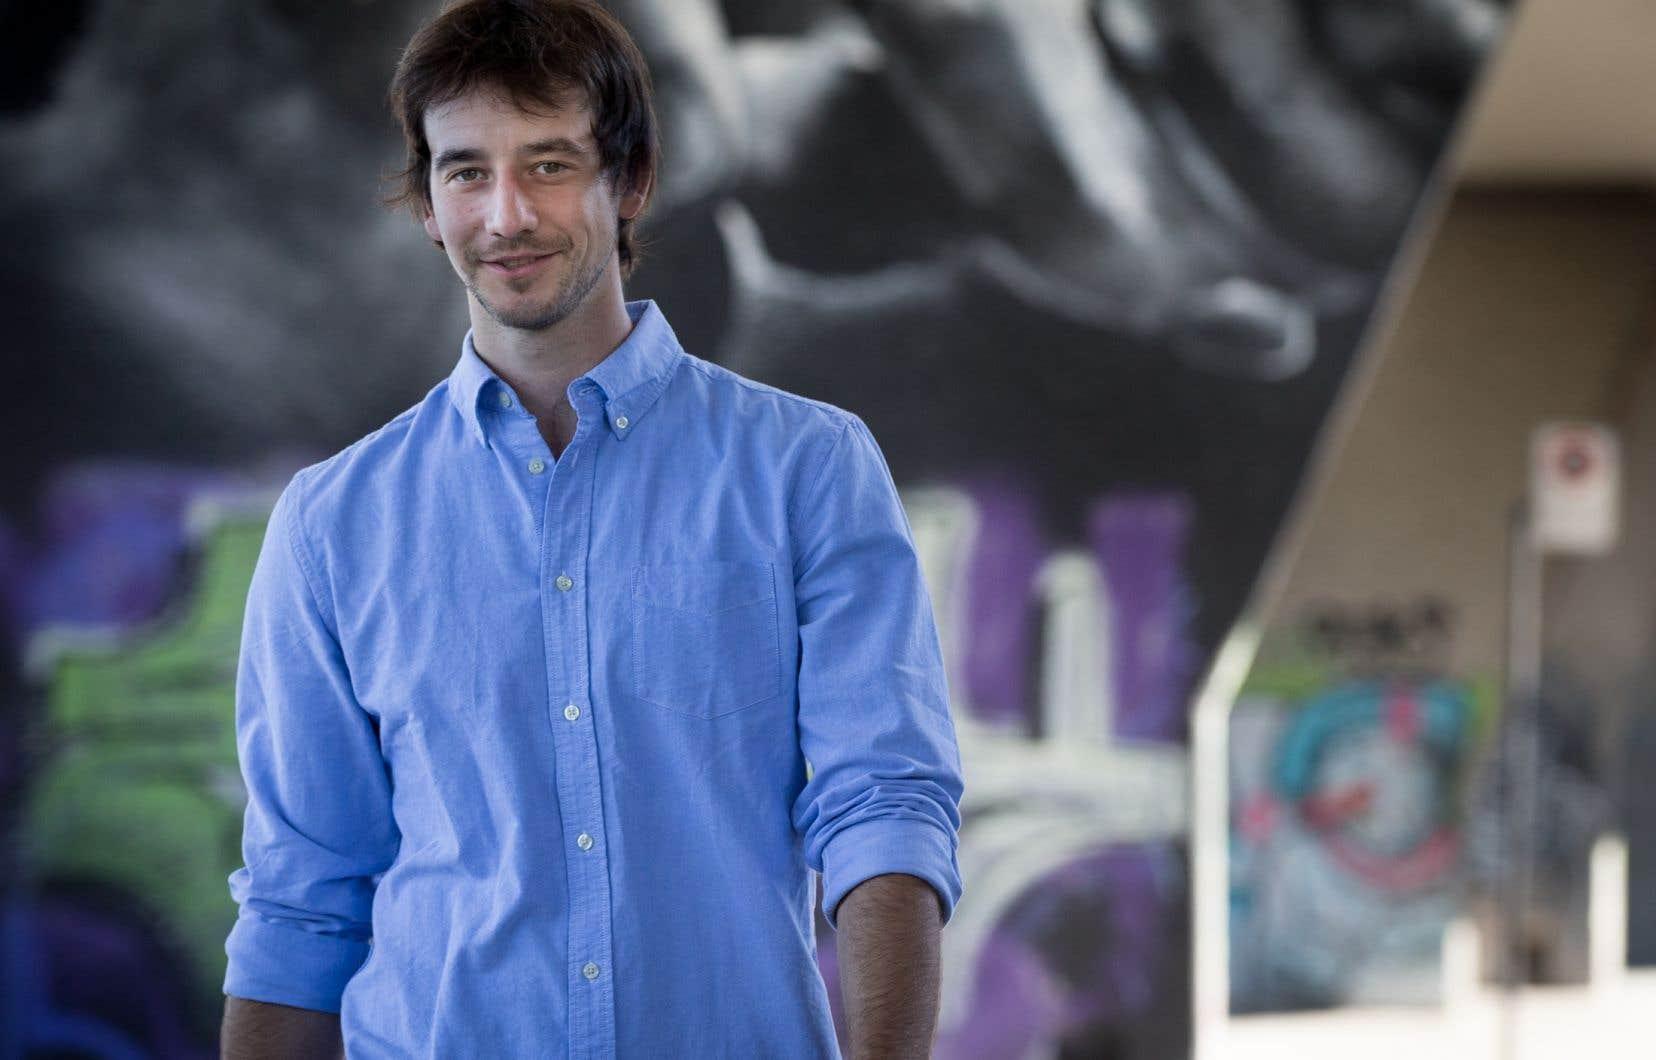 L'auteur Christian Guay-Poliquin, l'un des gagnants des Prix littéraires du Gouverneur général de 2017